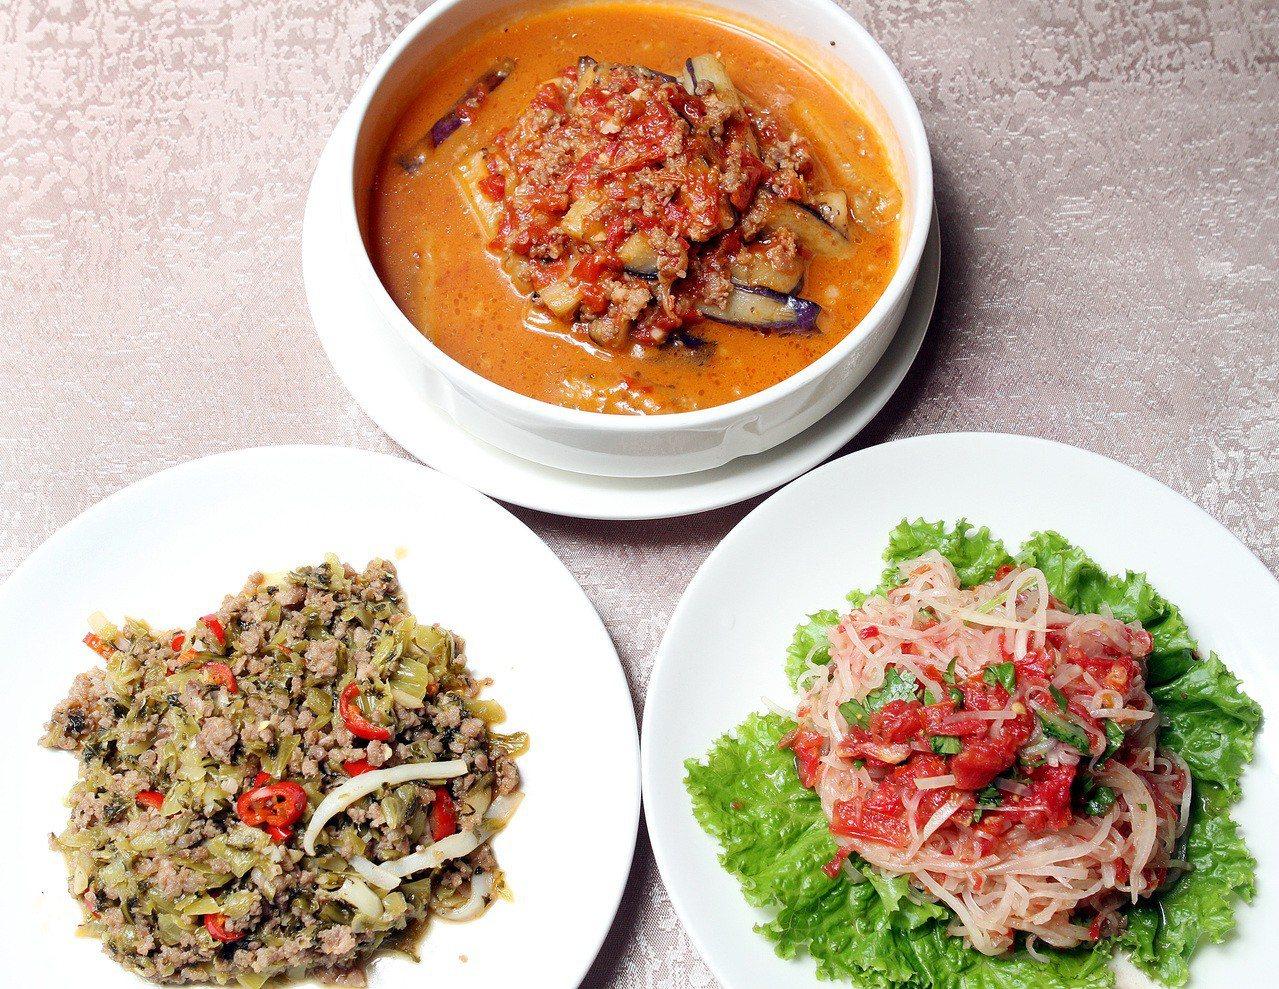 雲南料理「人和園」,涼拌結頭菜(右)、番茄肉末燒茄子(中)、酸菜肉末加花枝(左)...